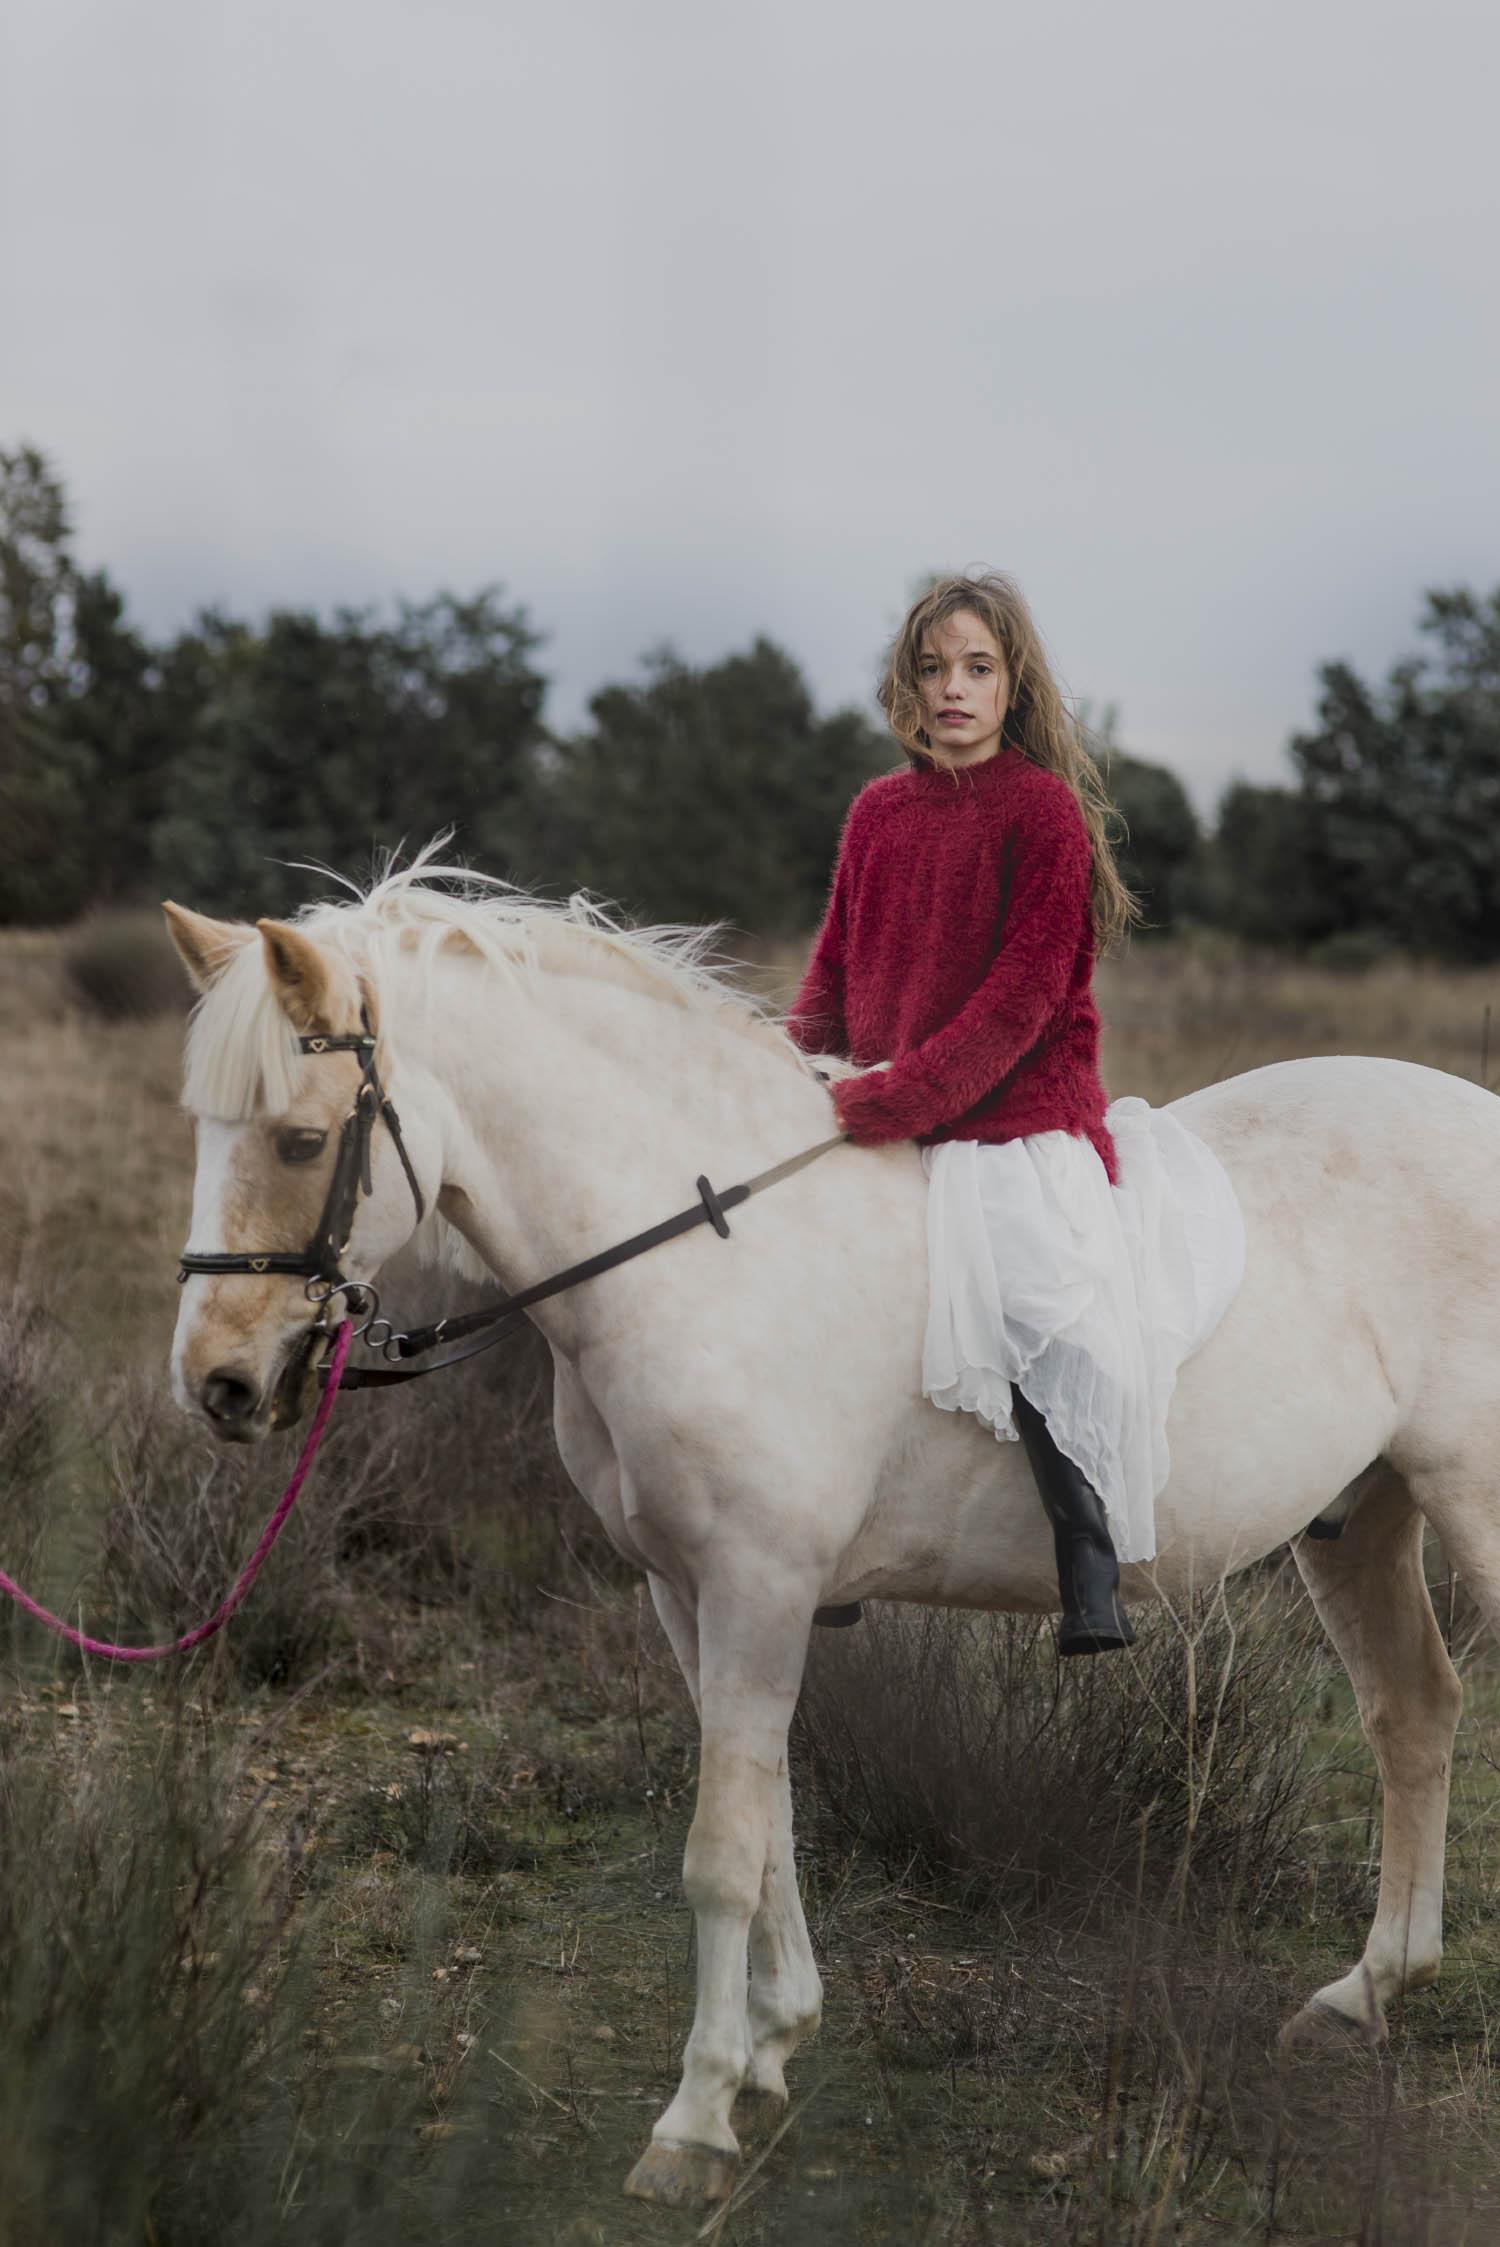 joker_horse_iolanda_sebe_8